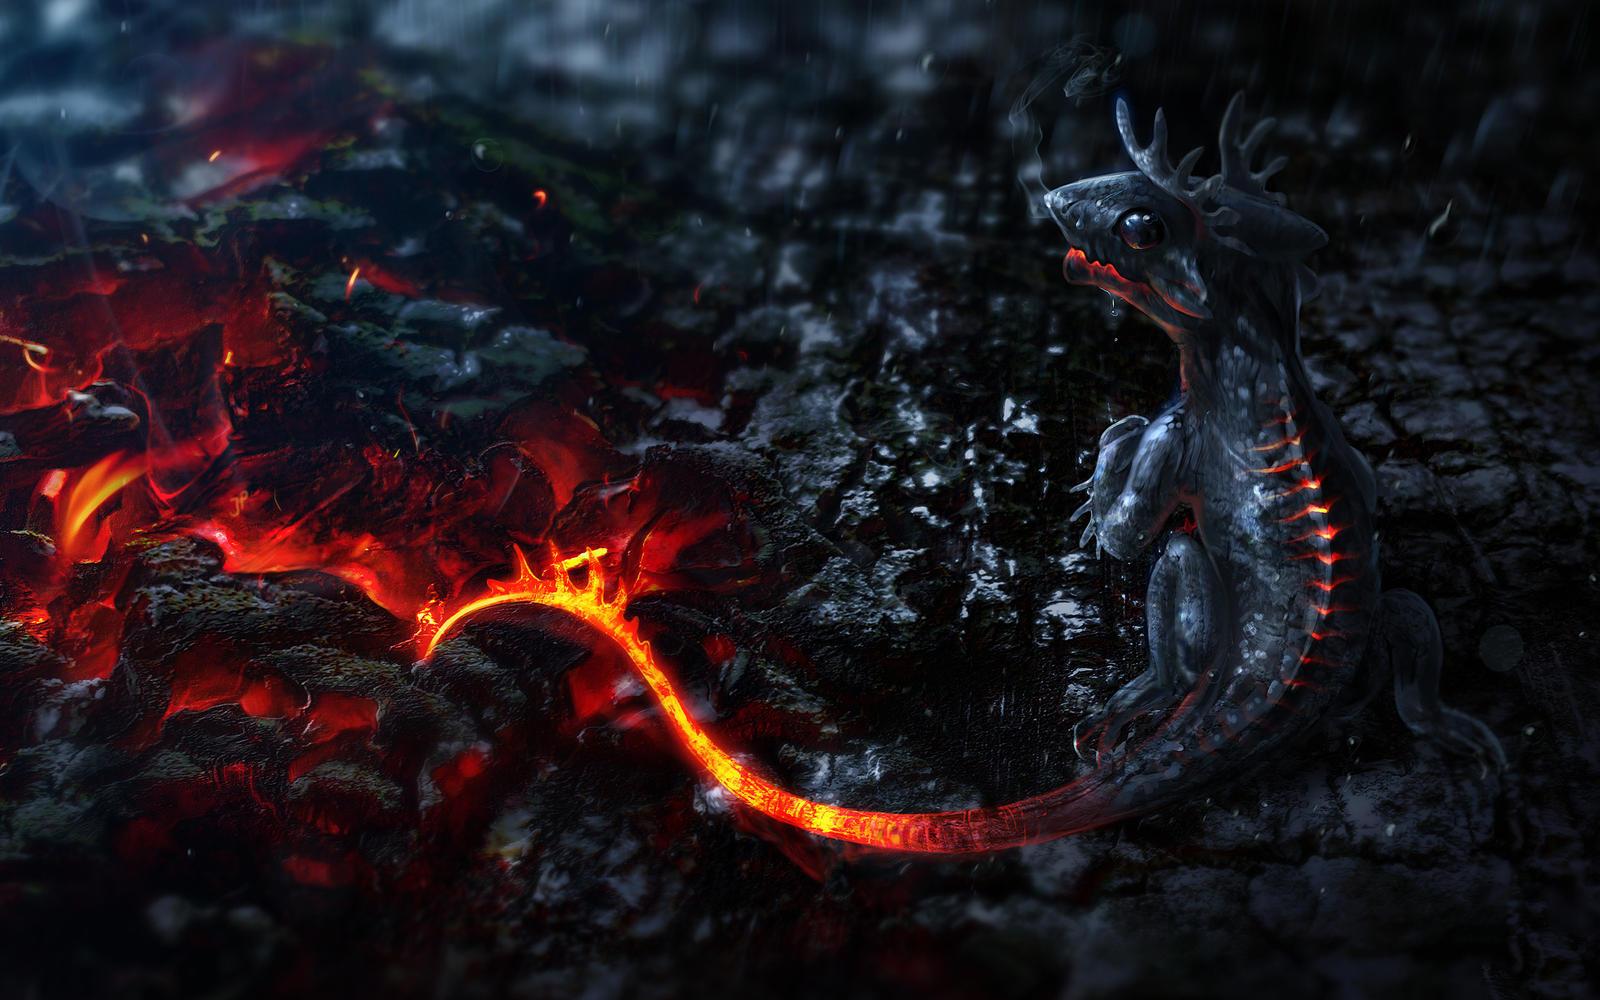 Daro, der Feuer Drache by jekkt0508